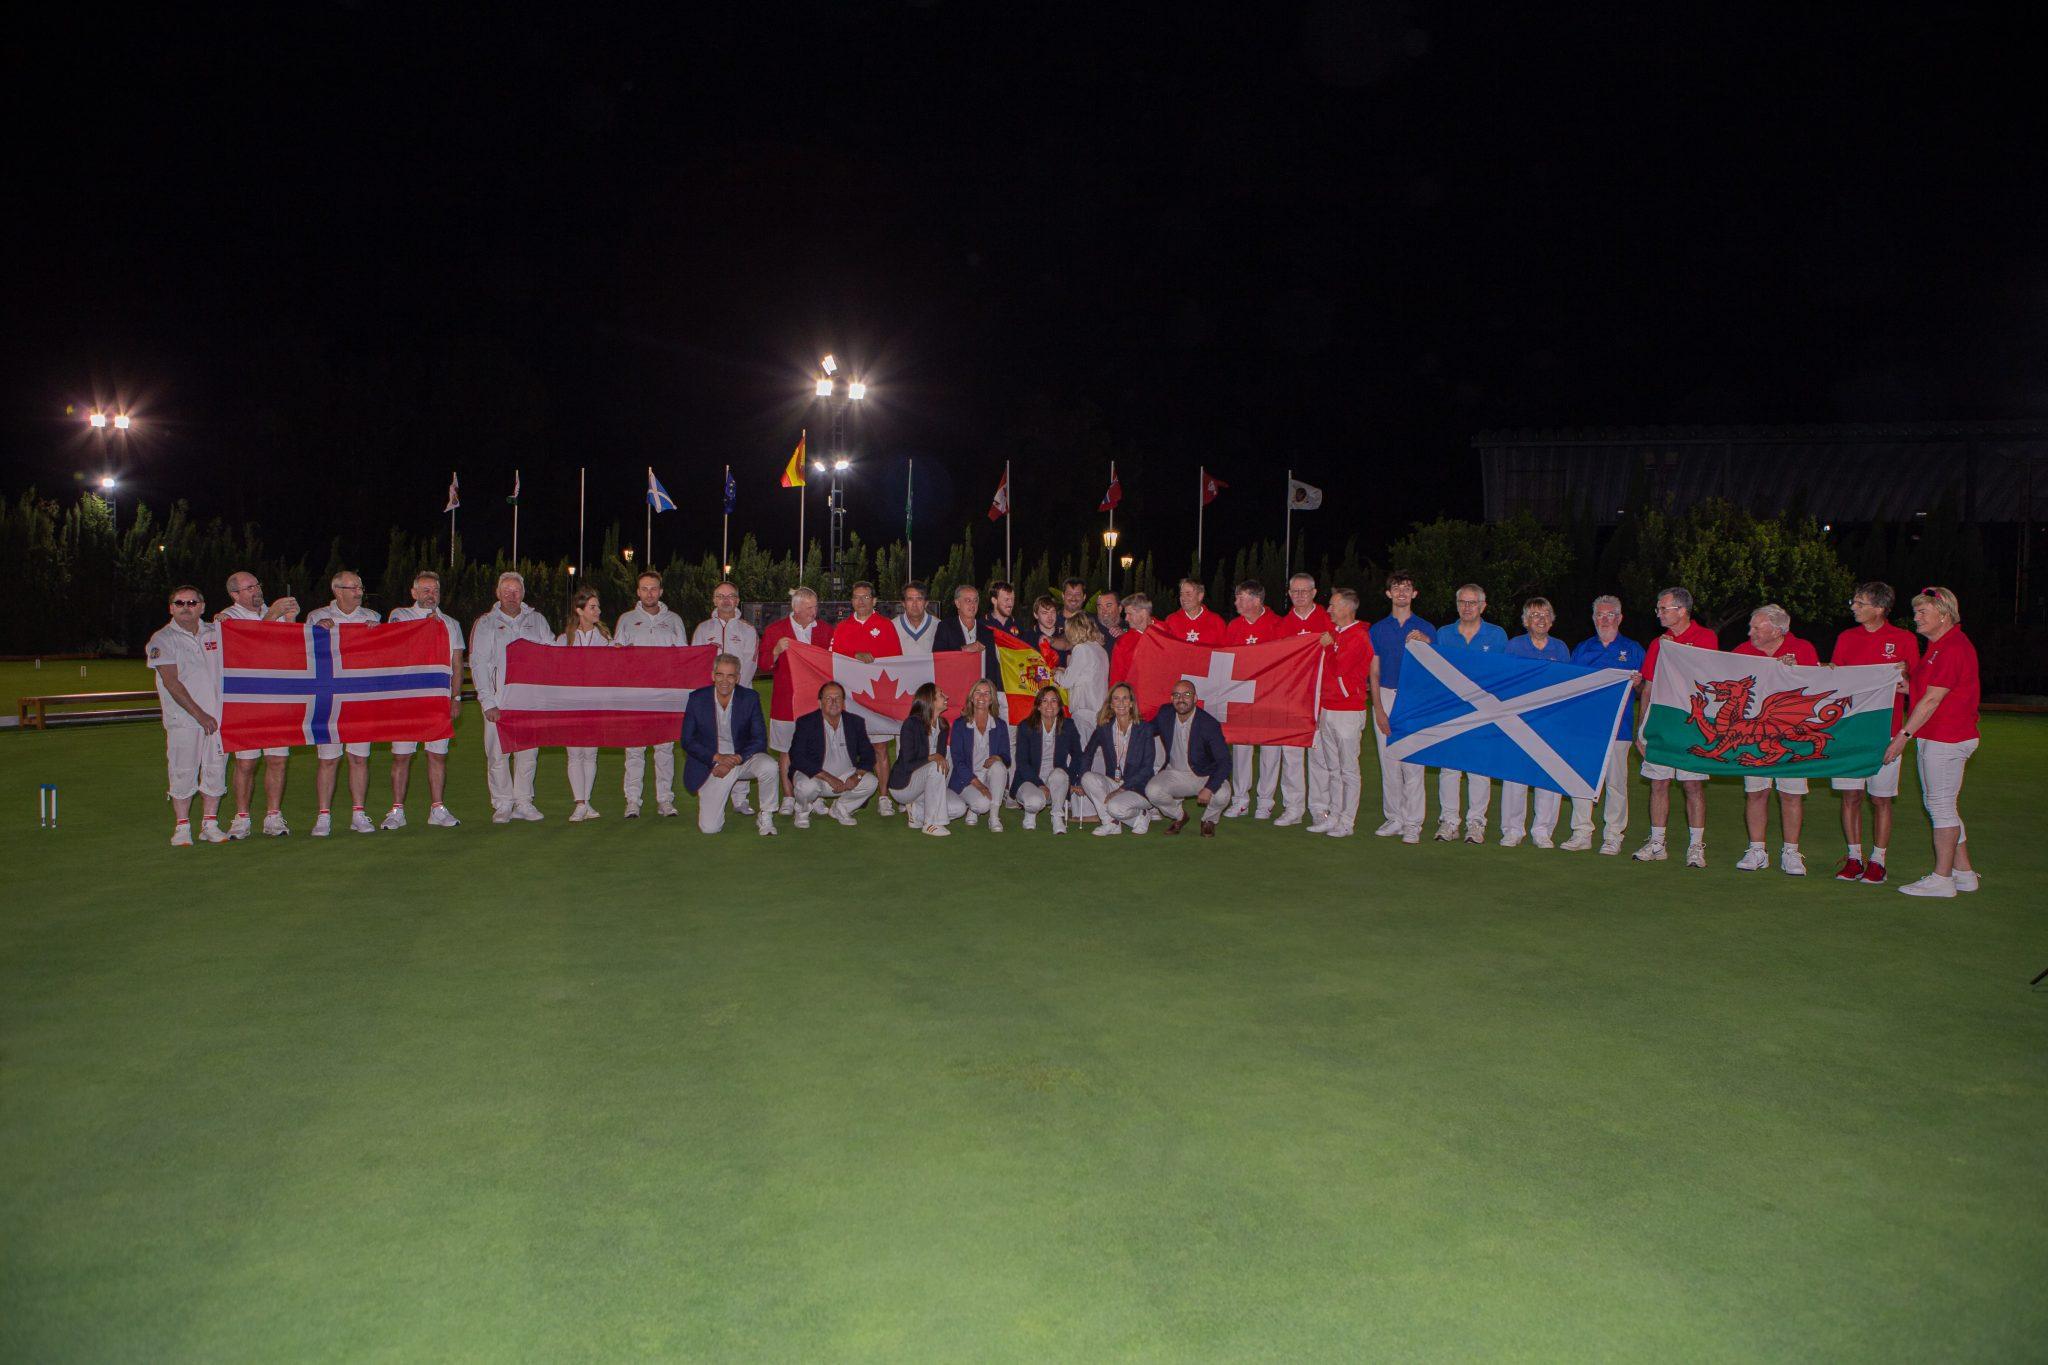 III Campeonato del Mundo de Croquet por Países - Real Novo Sancti Petri 202